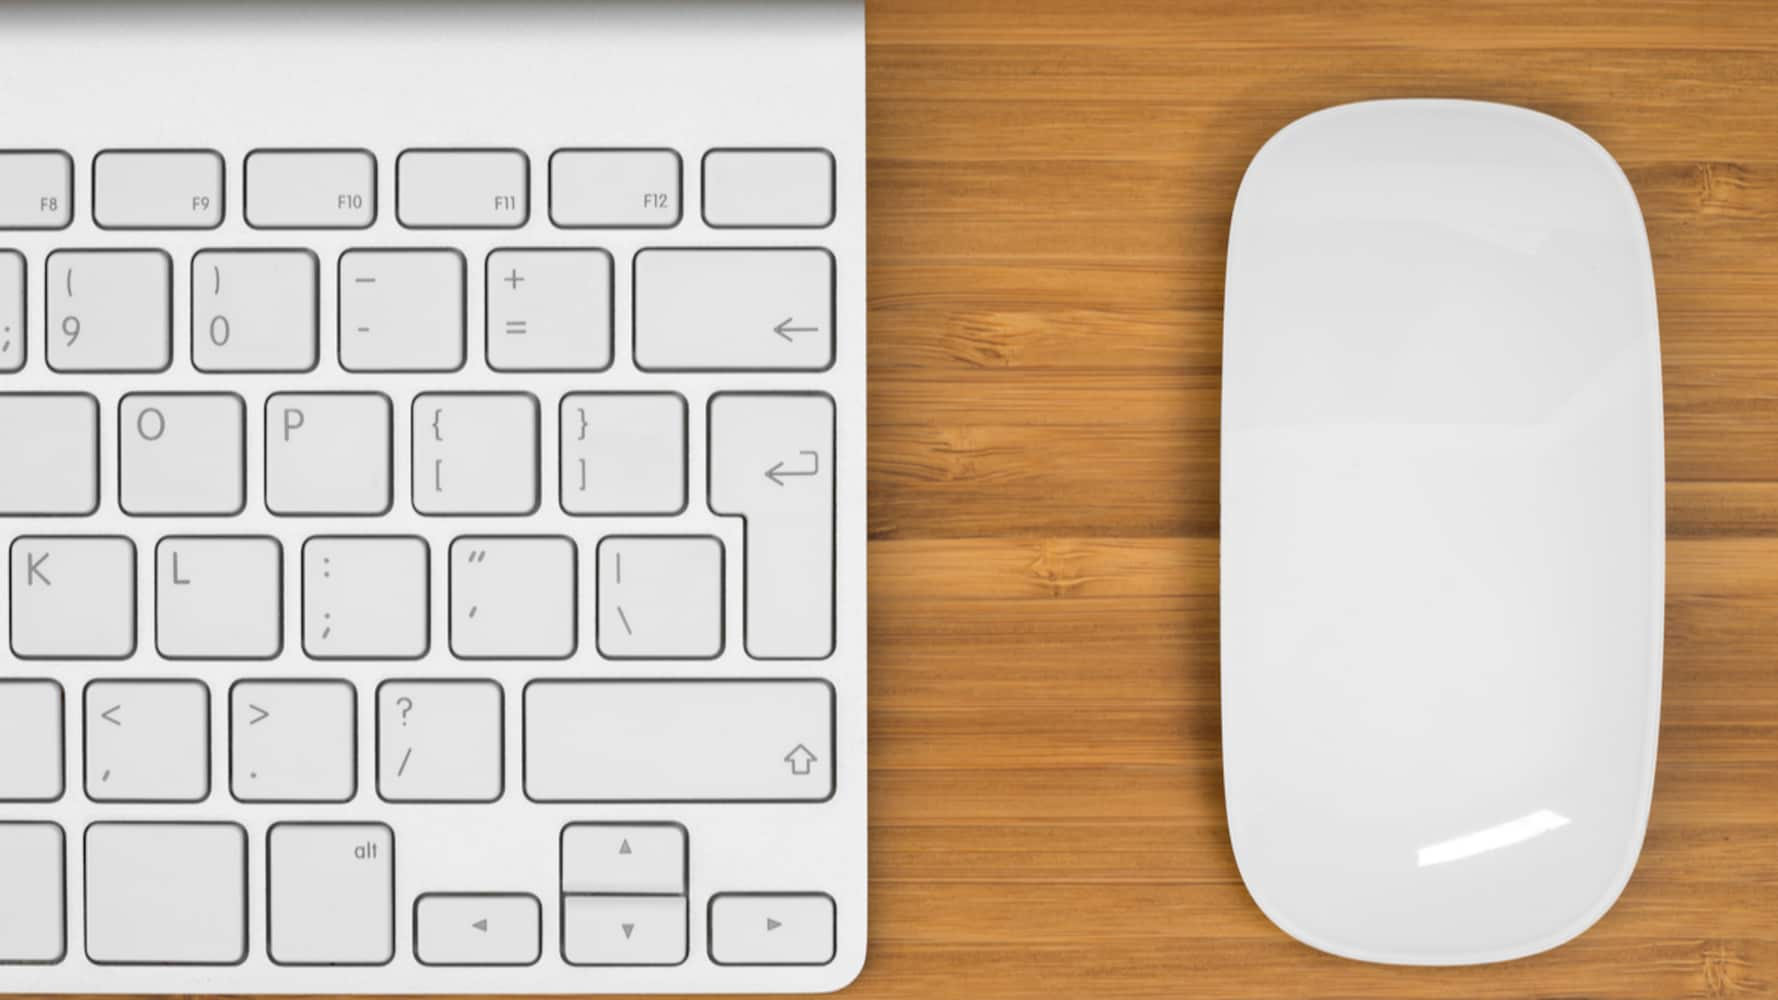 ワイヤレス|BluetoothやUSBレシーバー型